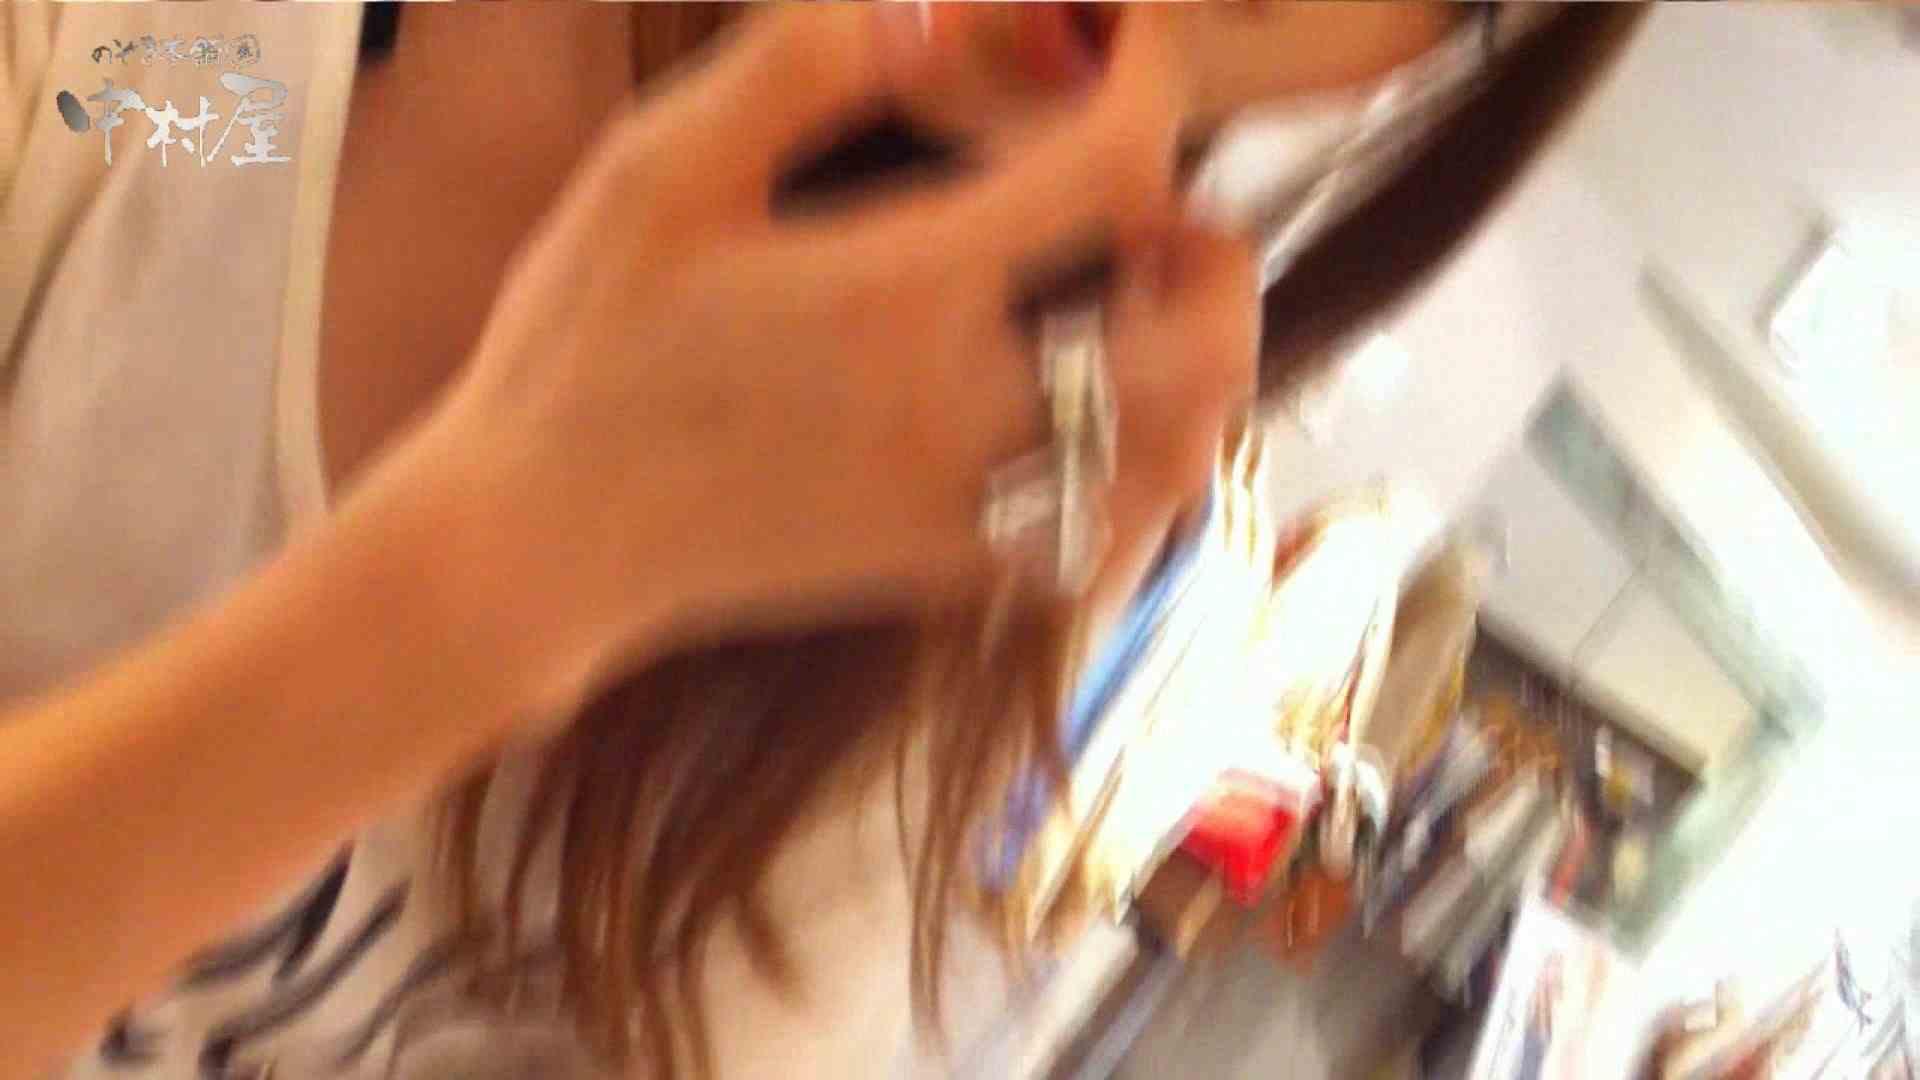 vol.84 美人アパレル胸チラ&パンチラ 帽子オネェさんに胸元アタック! OLエロ画像 盗み撮りAV無料動画キャプチャ 51PICs 7